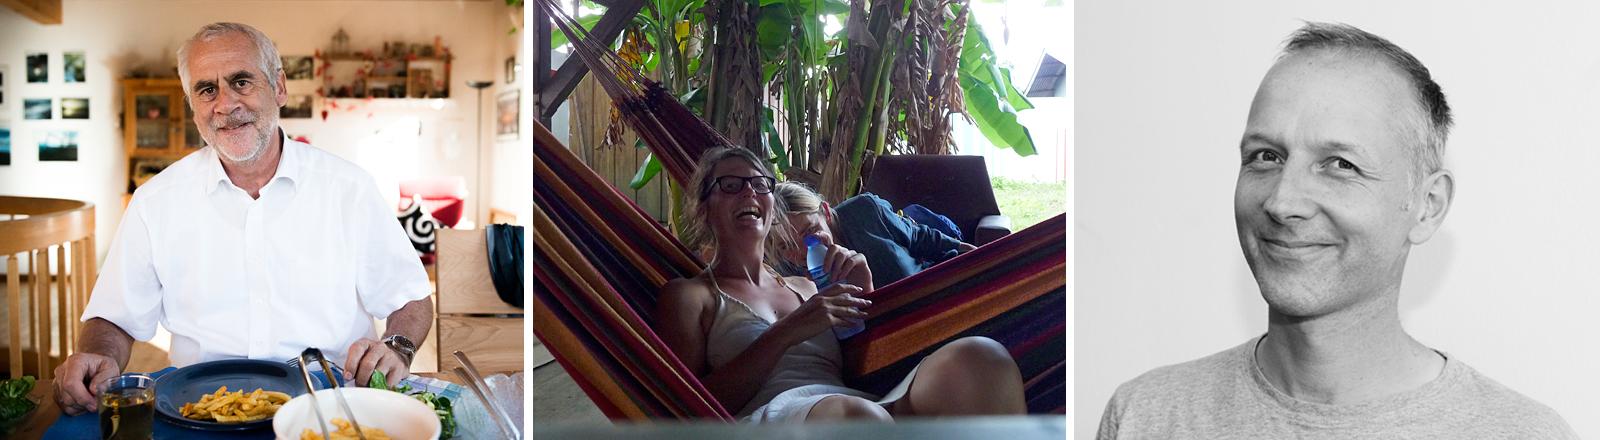 Drei Fotos: Ein Mann beim Essen, zwei Frauen in der Hängematte, ein lächelnder Mann.